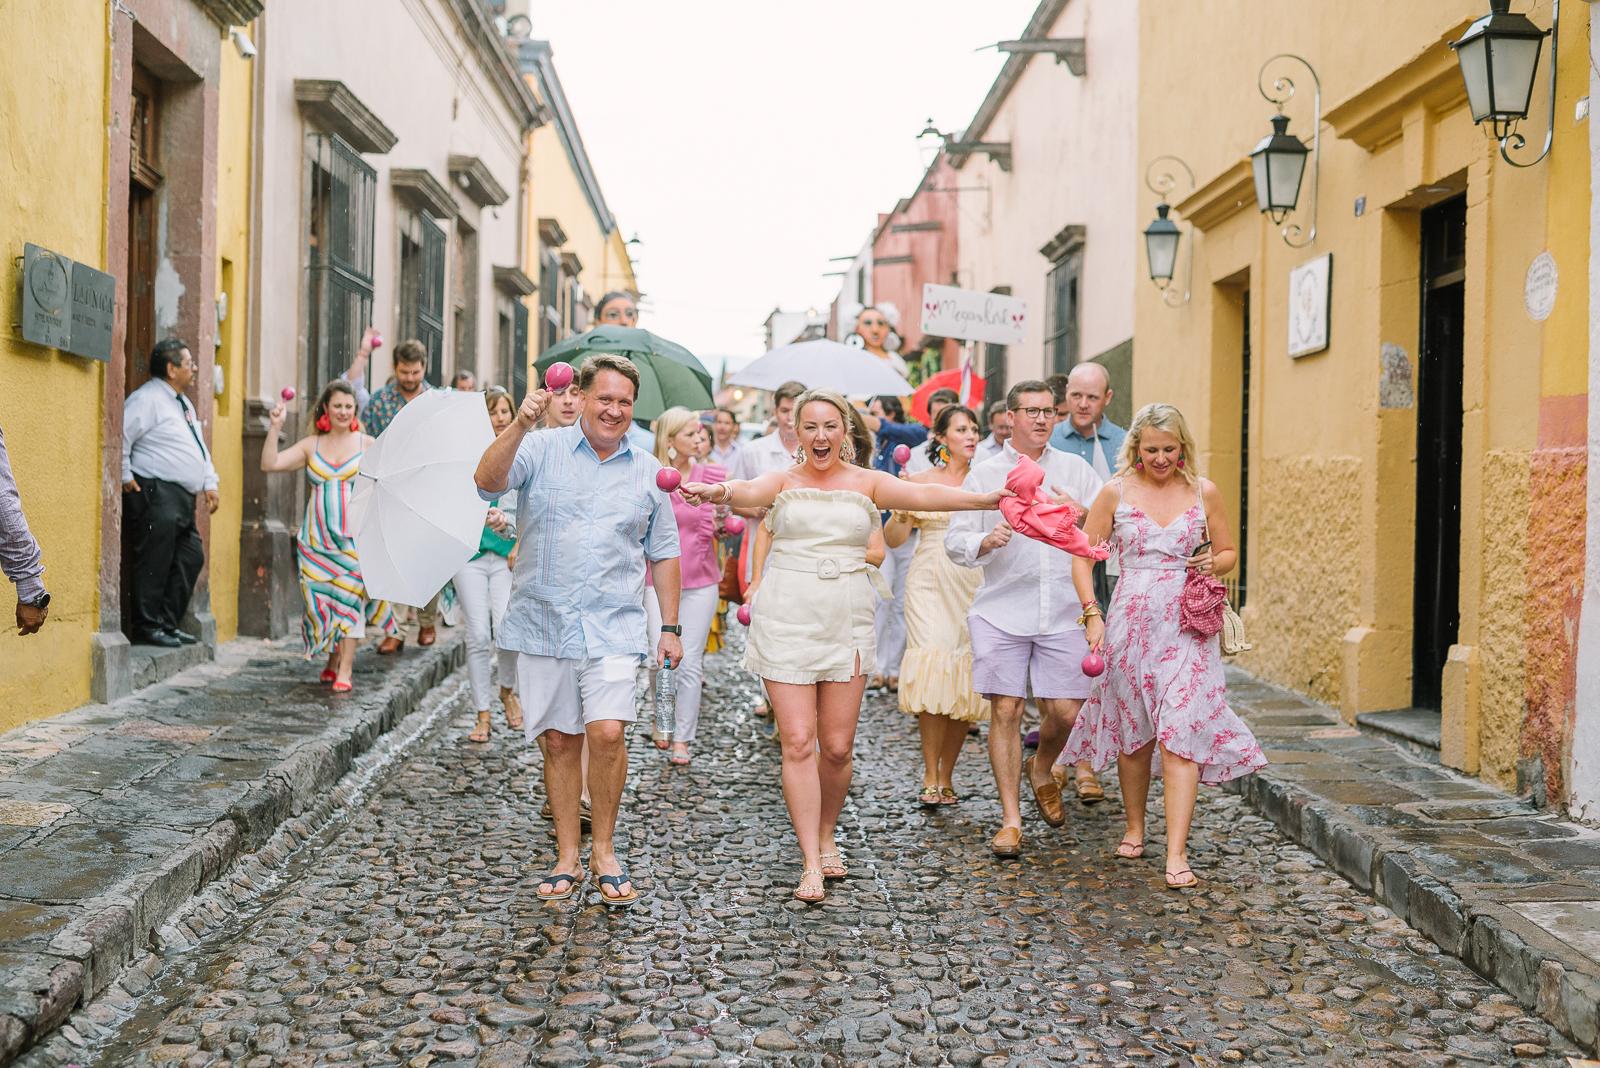 Wedding Photographer in San Miguel de Allende -12.jpg